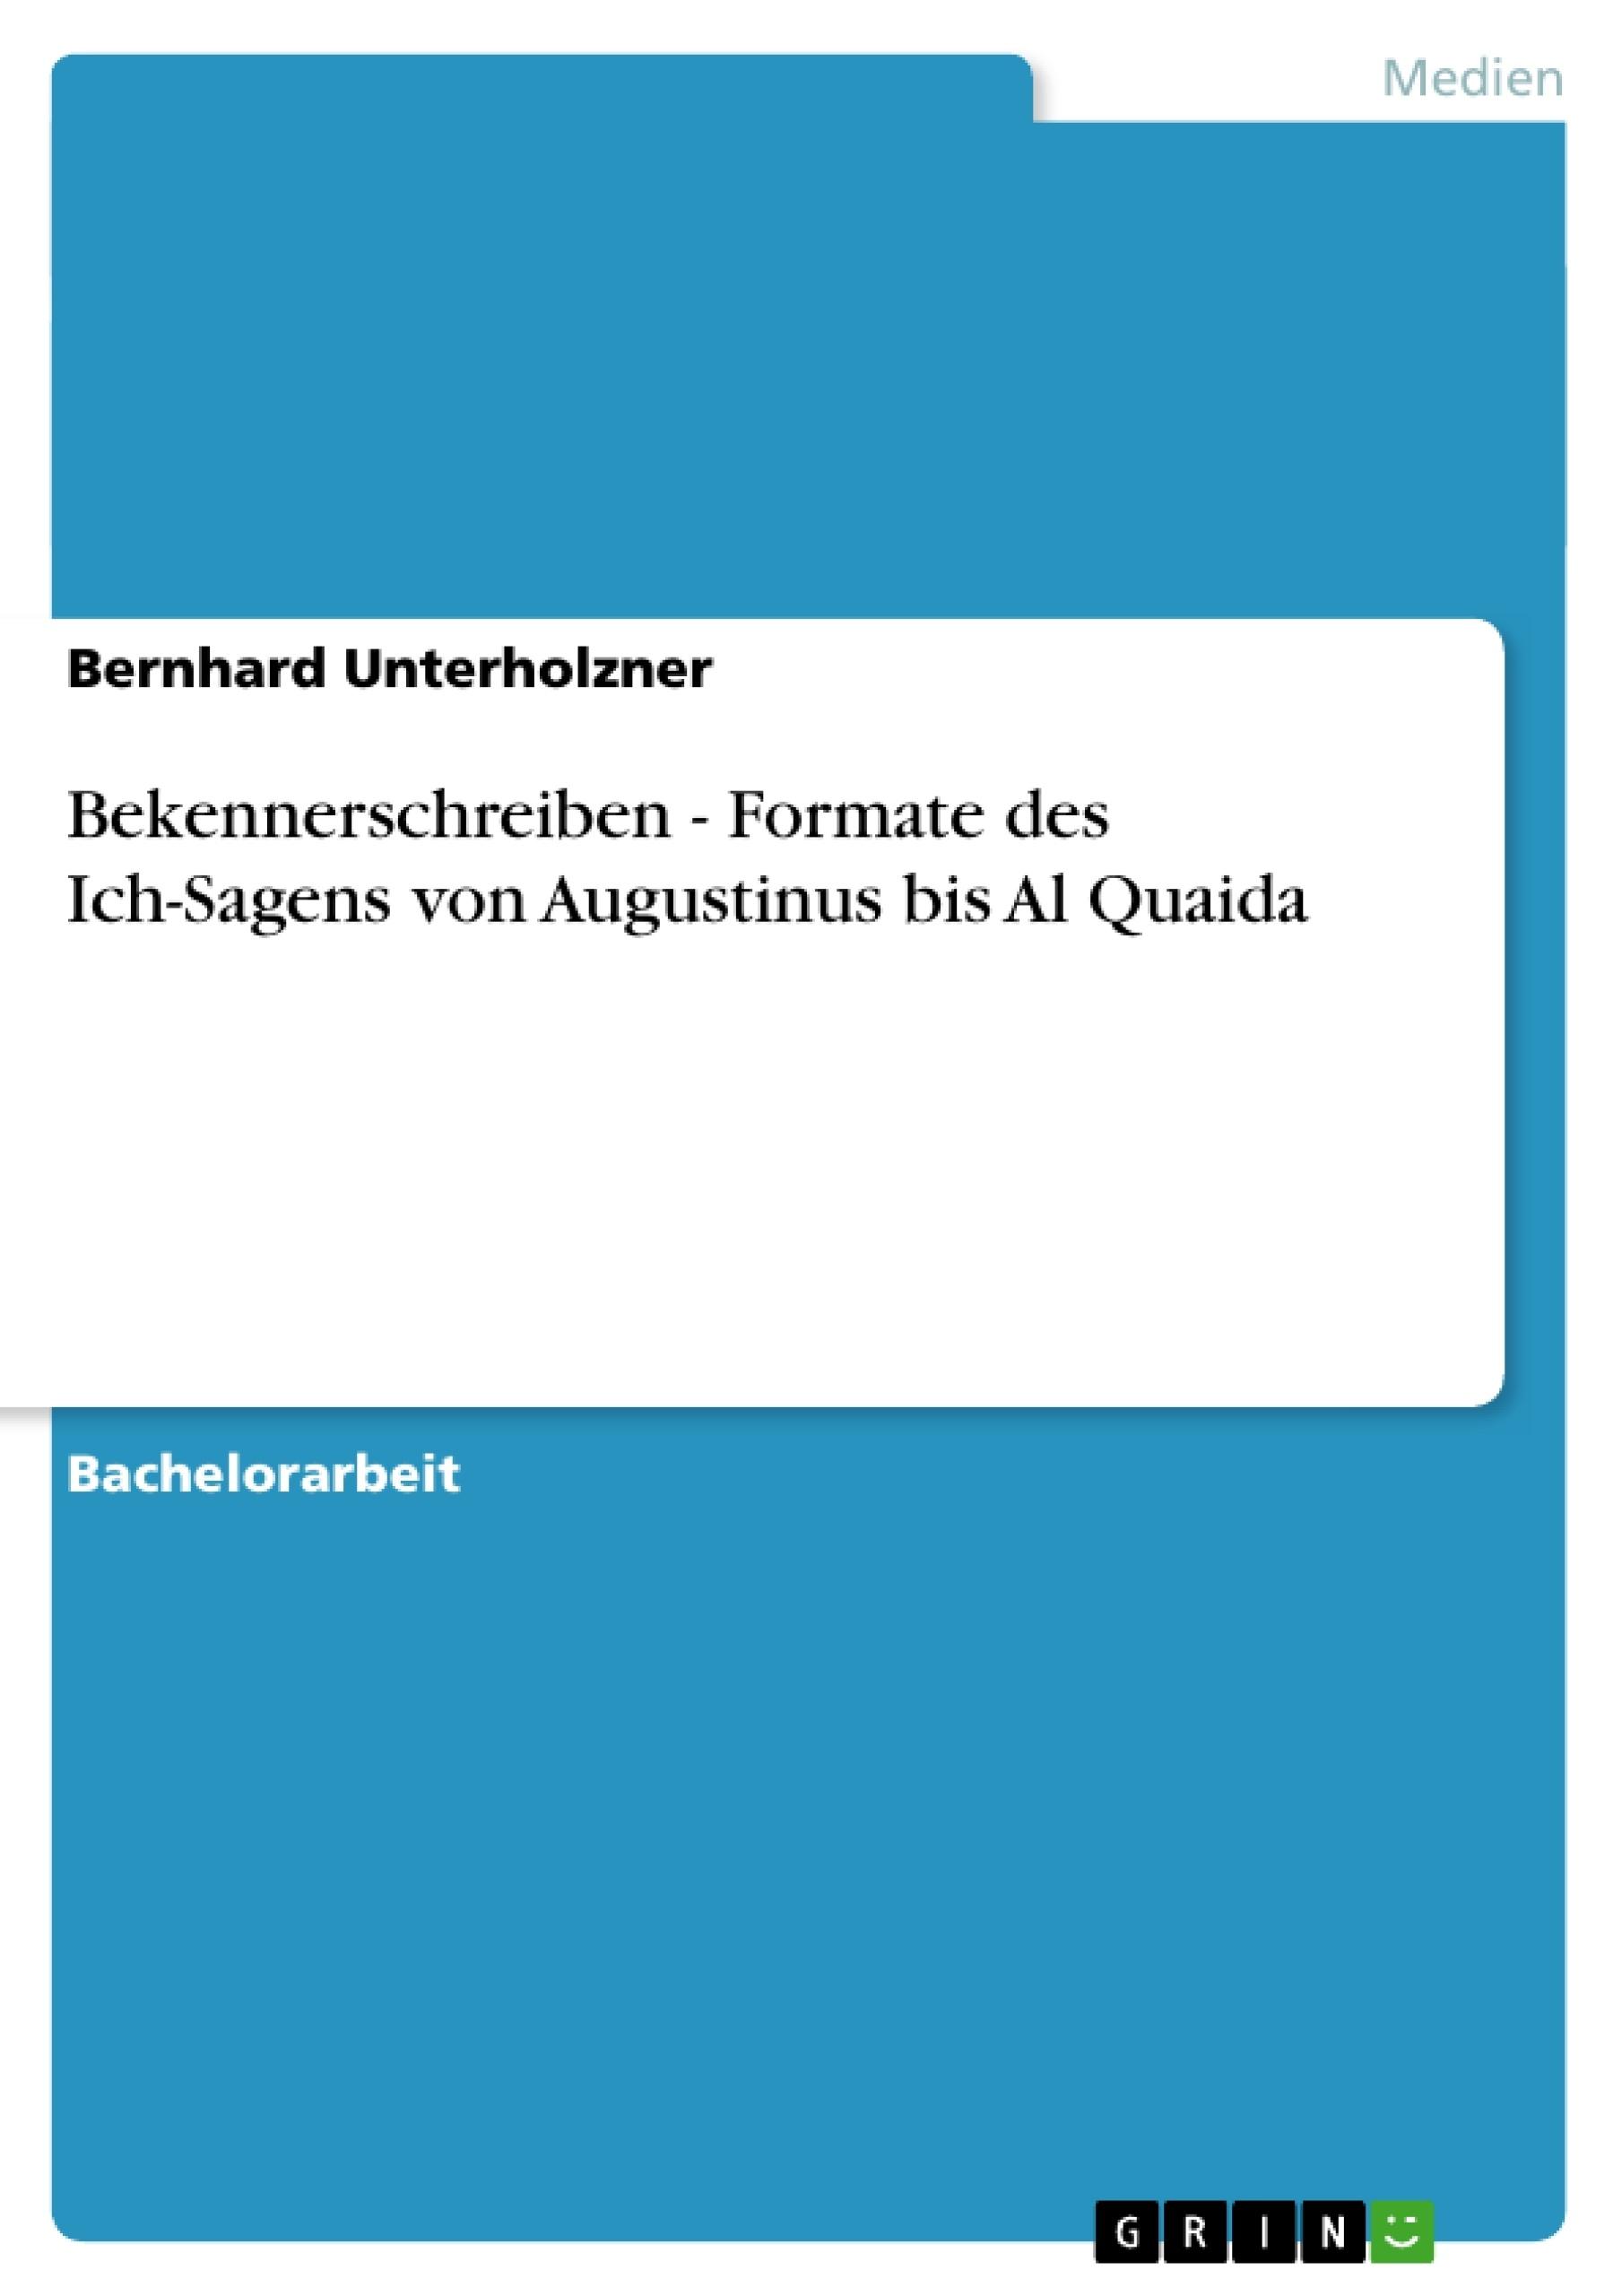 Titel: Bekennerschreiben - Formate des Ich-Sagens von Augustinus bis Al Quaida